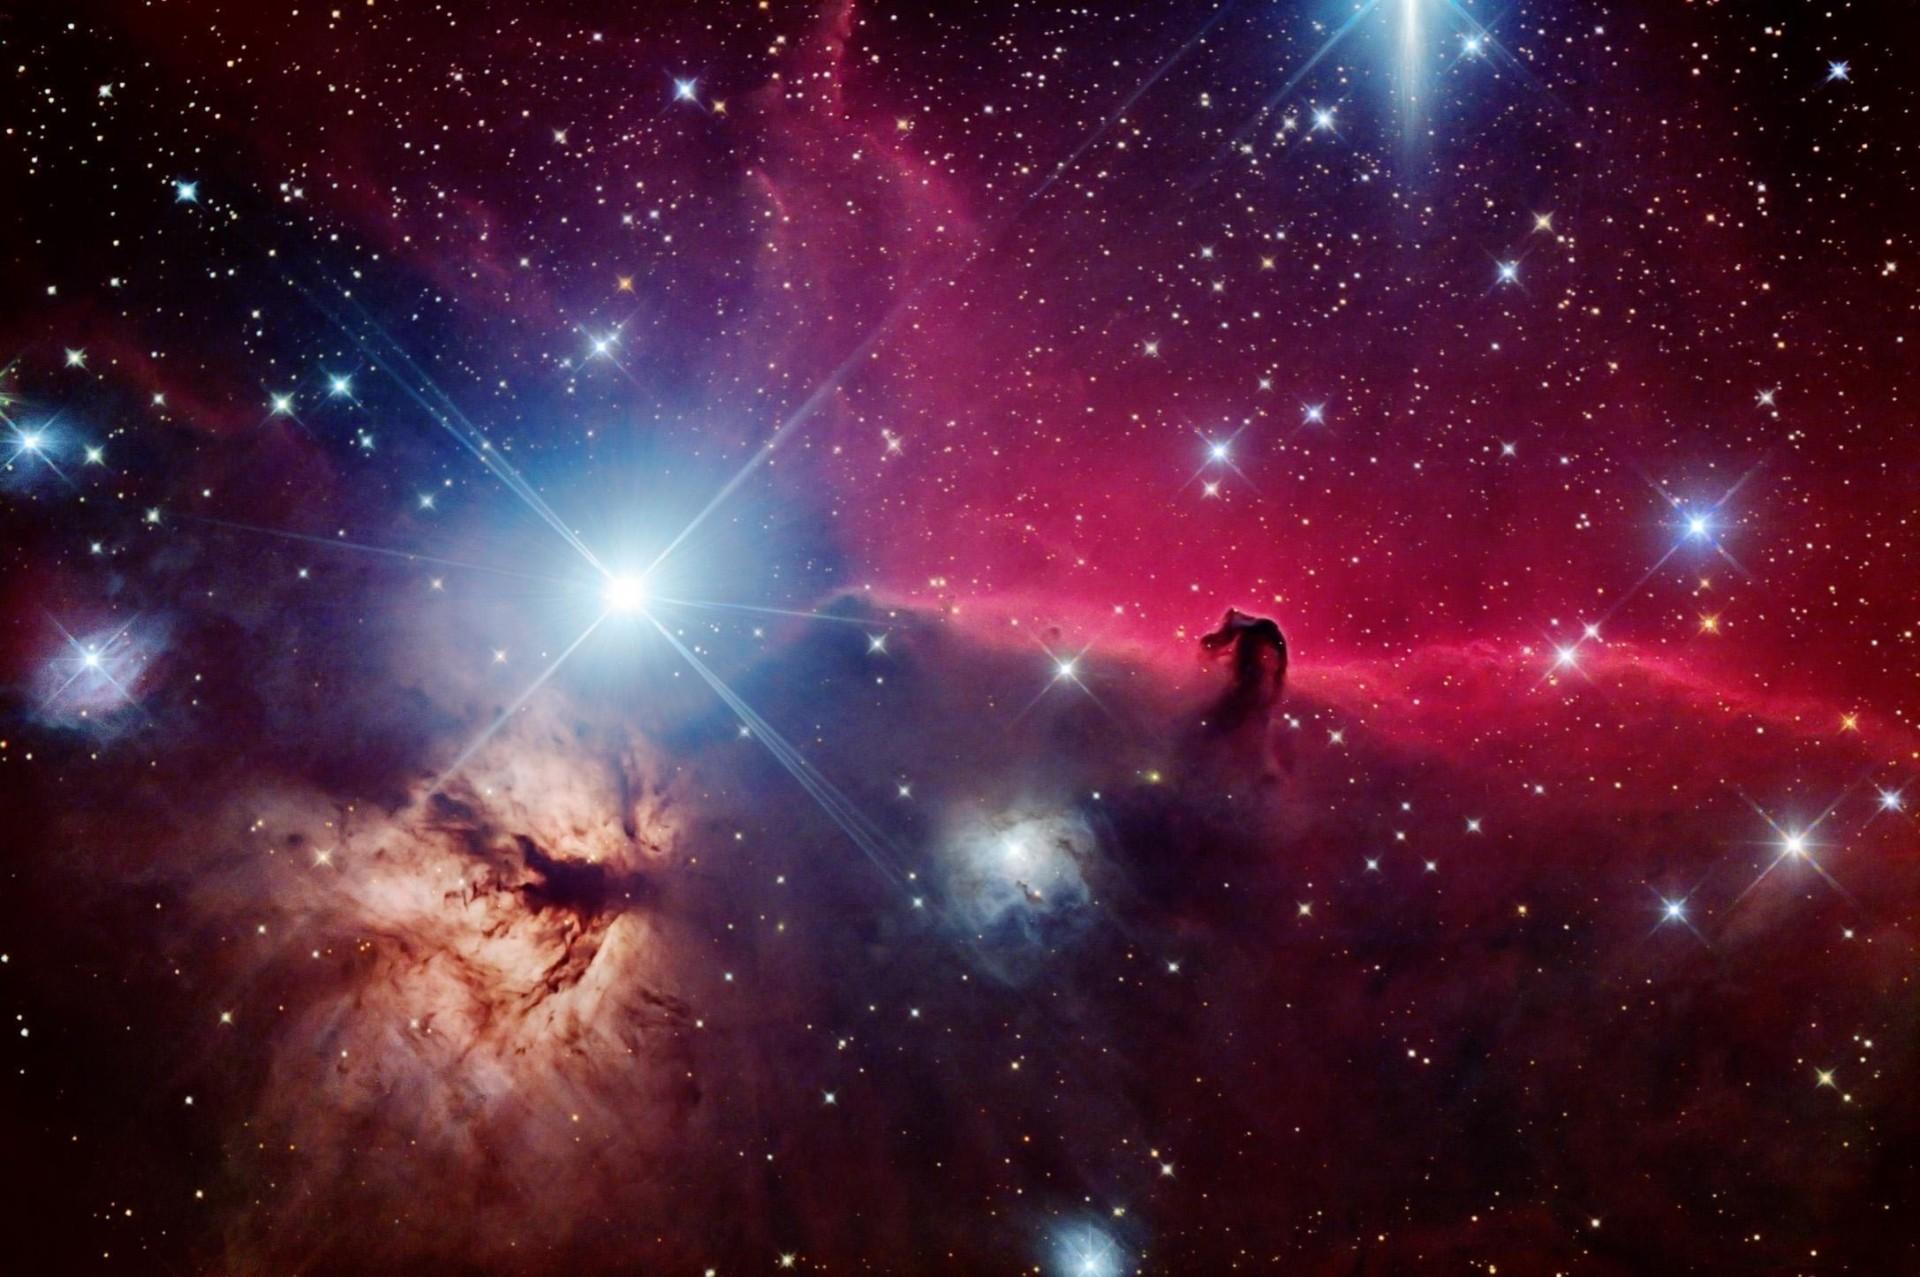 Обои Туманность со звездами картинки на рабочий стол на тему Космос - скачать без смс